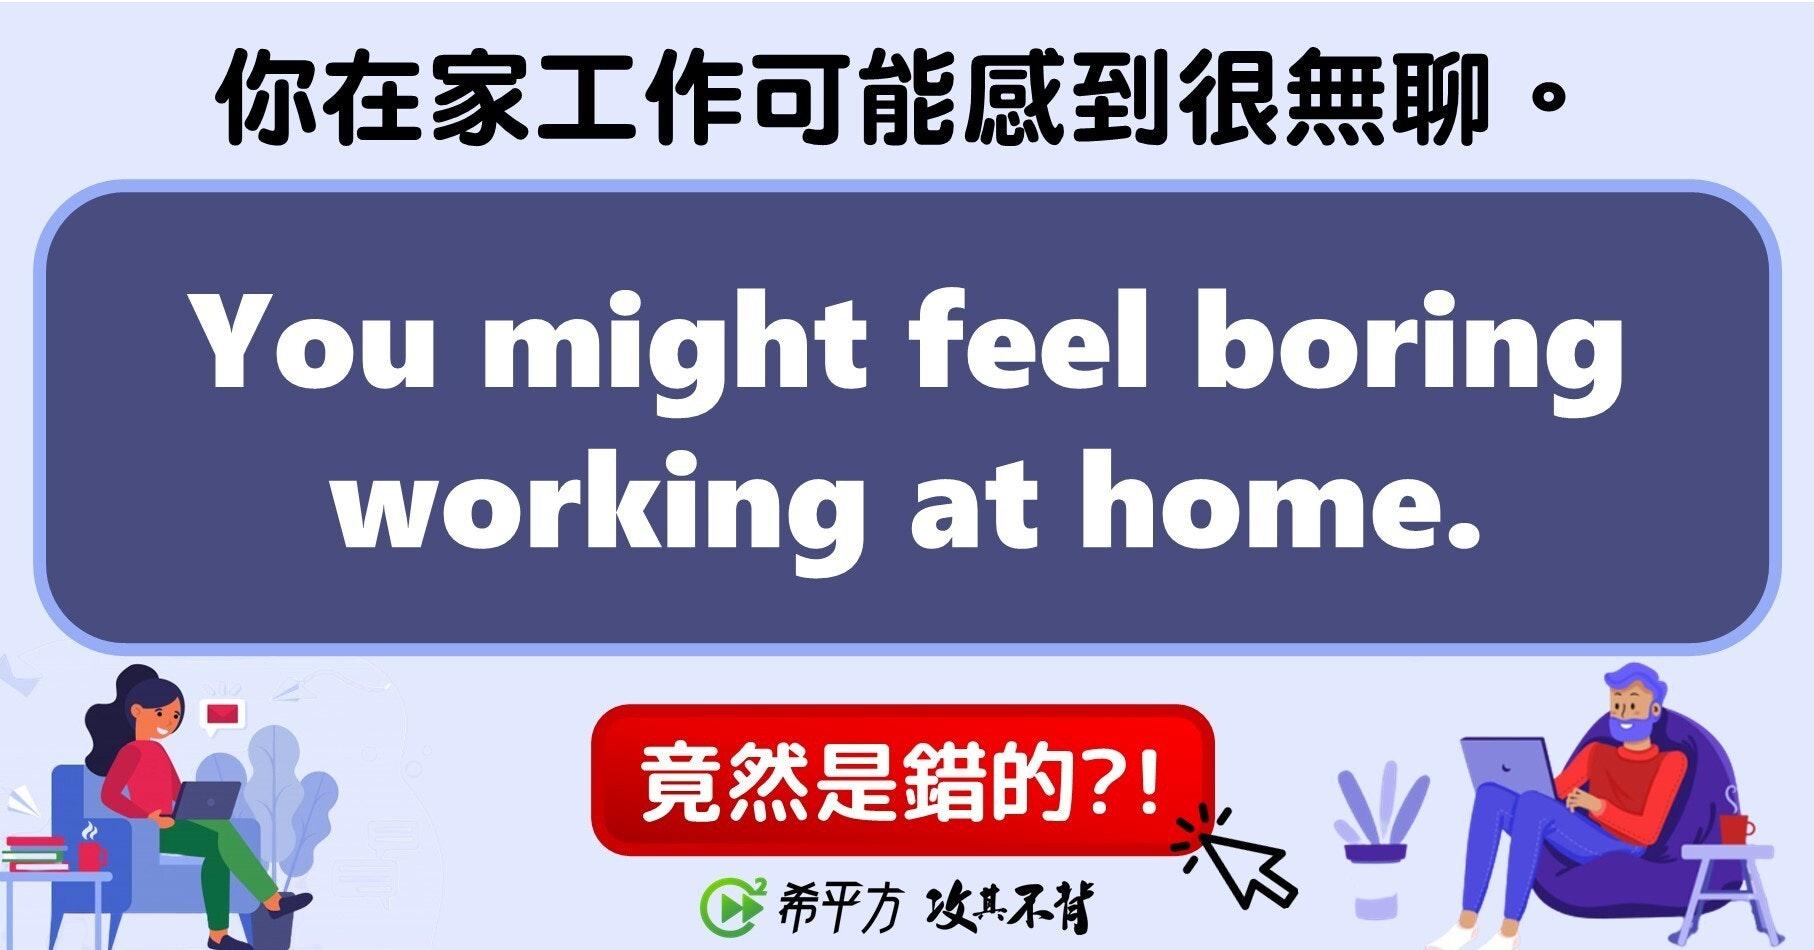 照片中提到了你在家工作可能感到很無聊。、You might feel boring、working at home.,包含了無基改農區、動畫片、娛樂、牌、會話